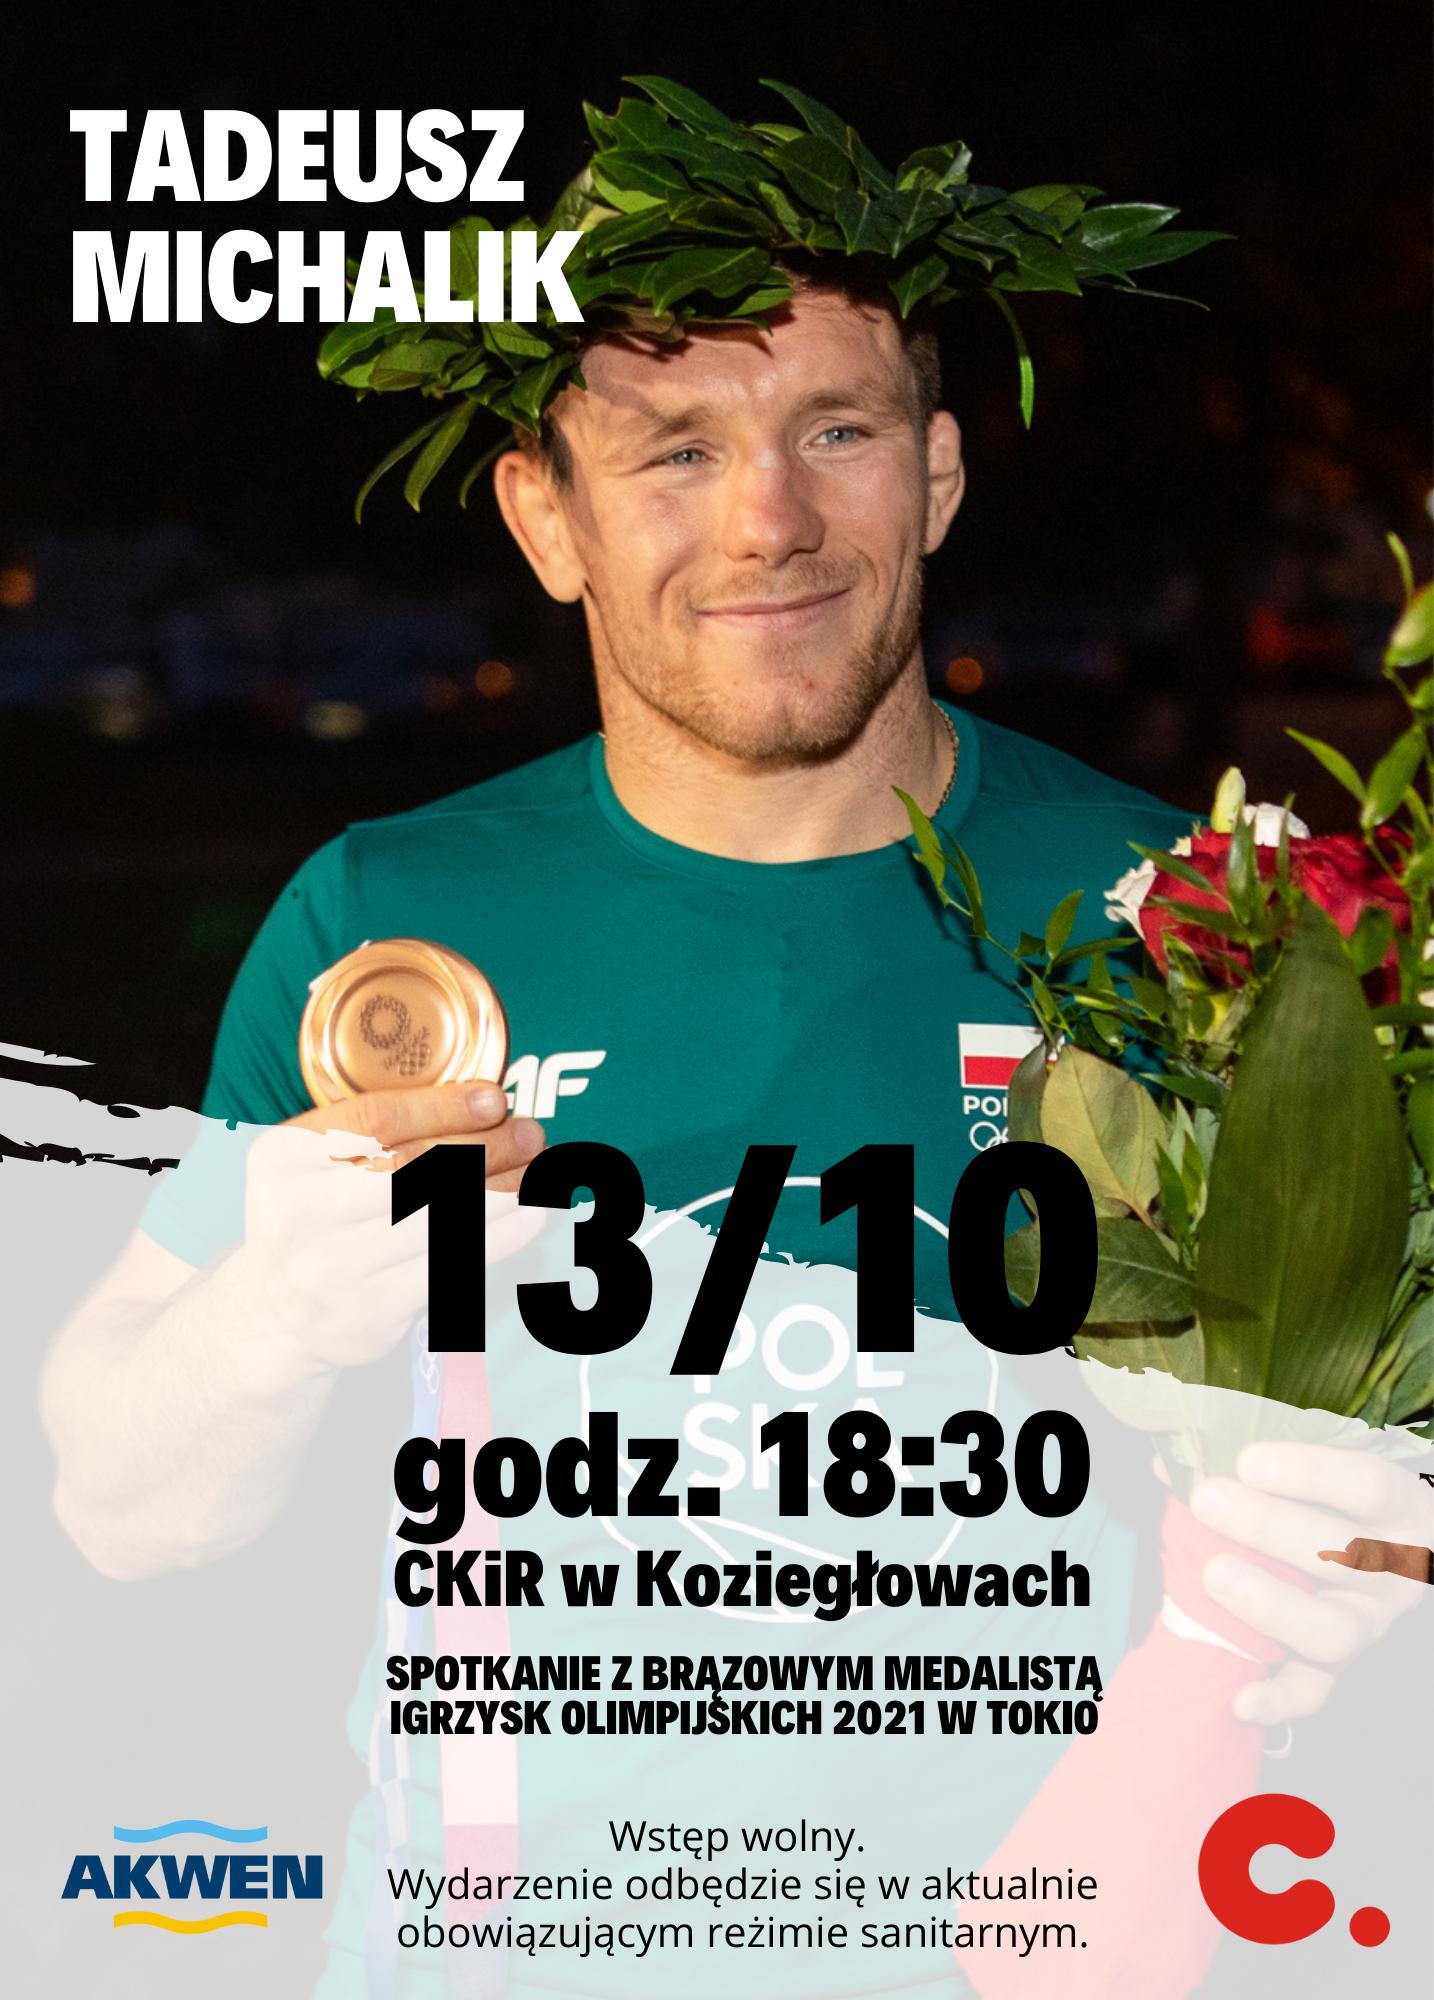 plakat z Tadeuszem Michalikiem będący ilustracją wpisu. Data, godzina i miejsce spotkania.